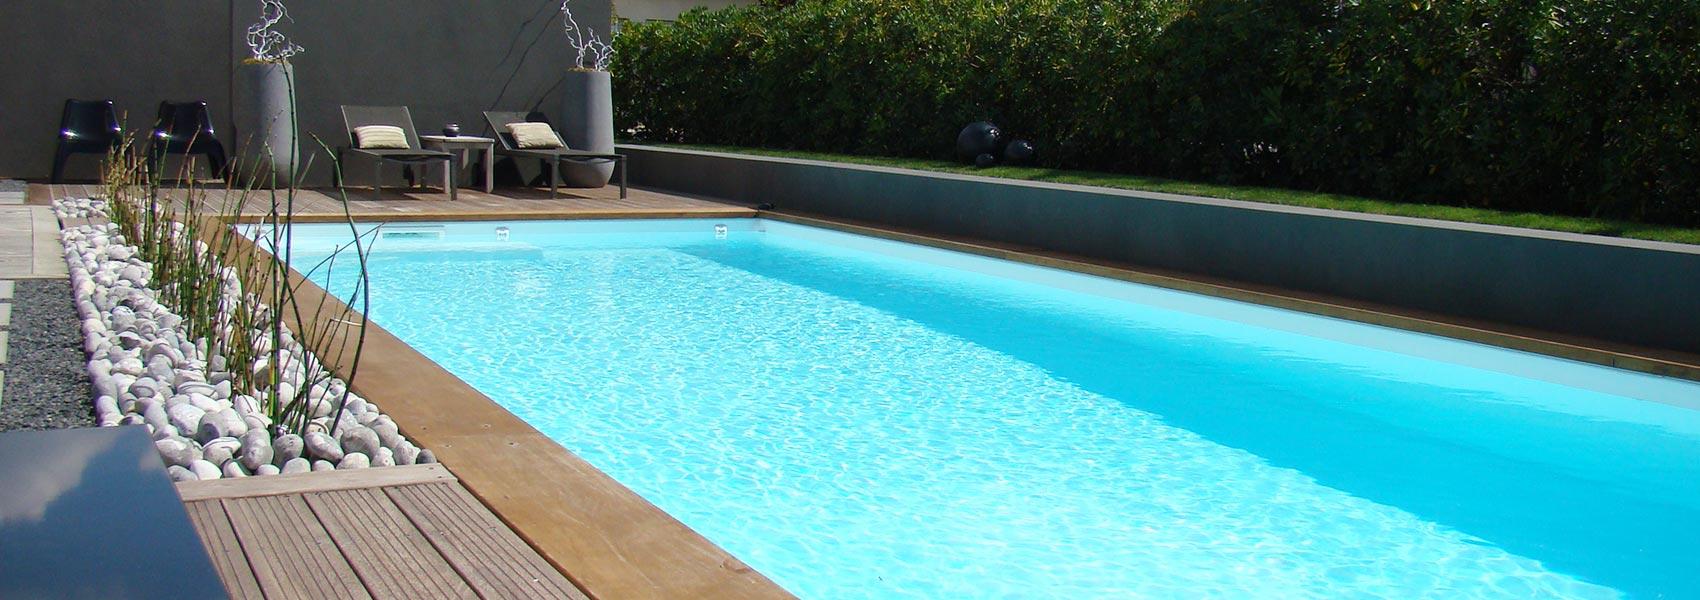 Produits accessoires piscines gatel for Accessoires piscine 01